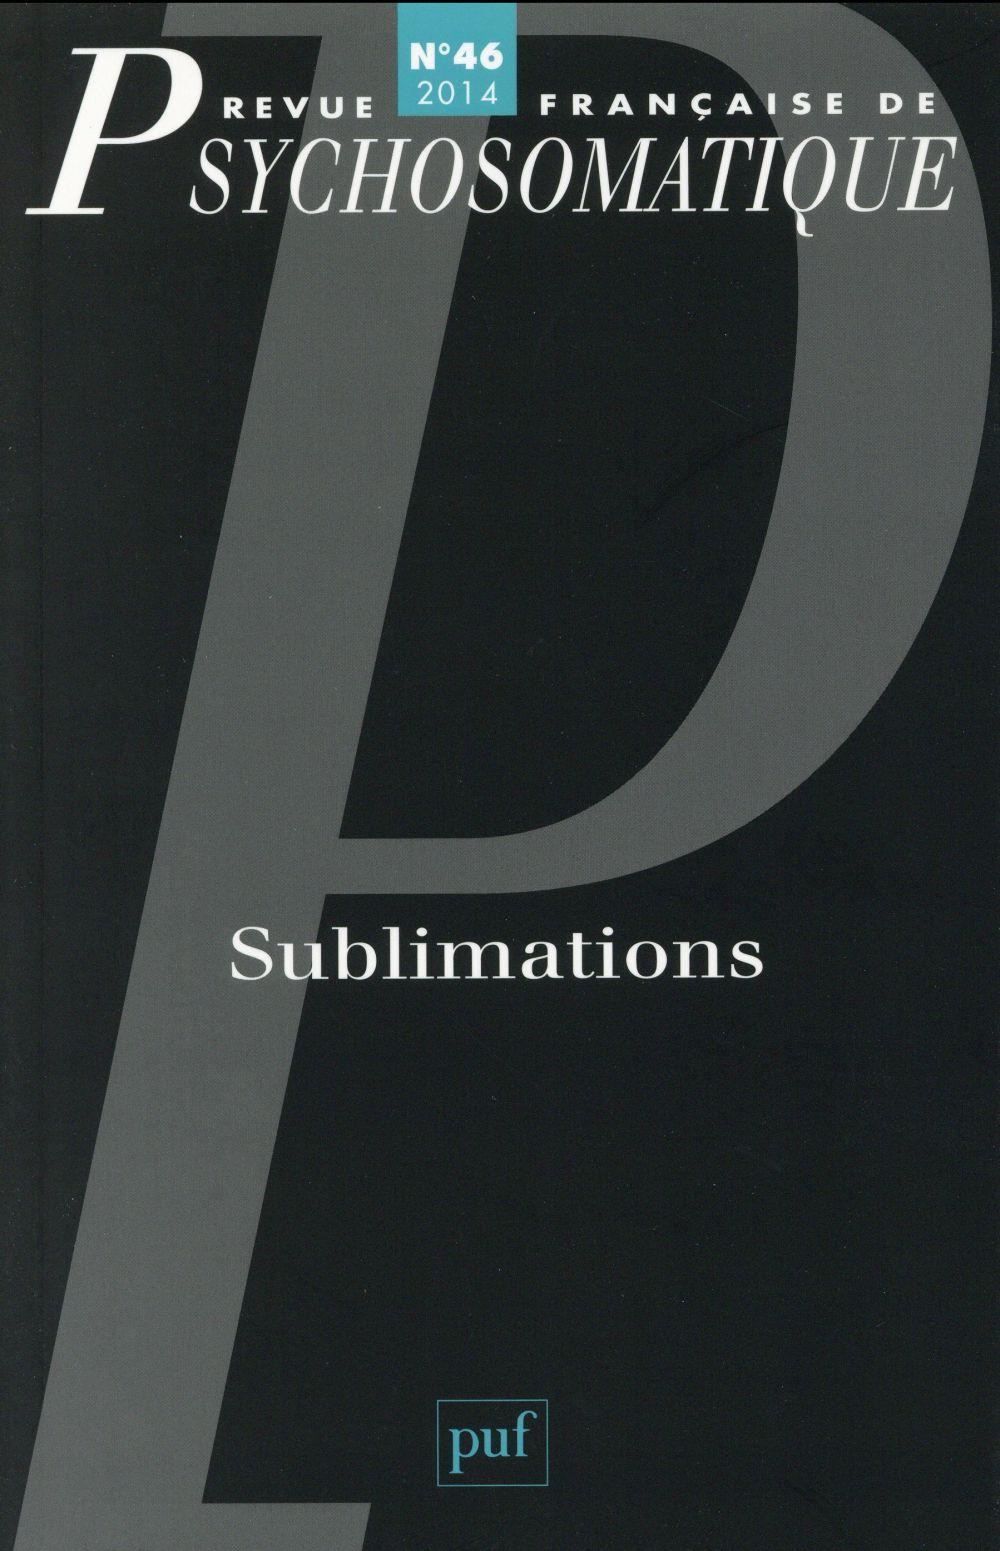 REV. FR. DE PSYCHOSOMATIQUE 2014, N  46 - SUBLIMATIONS